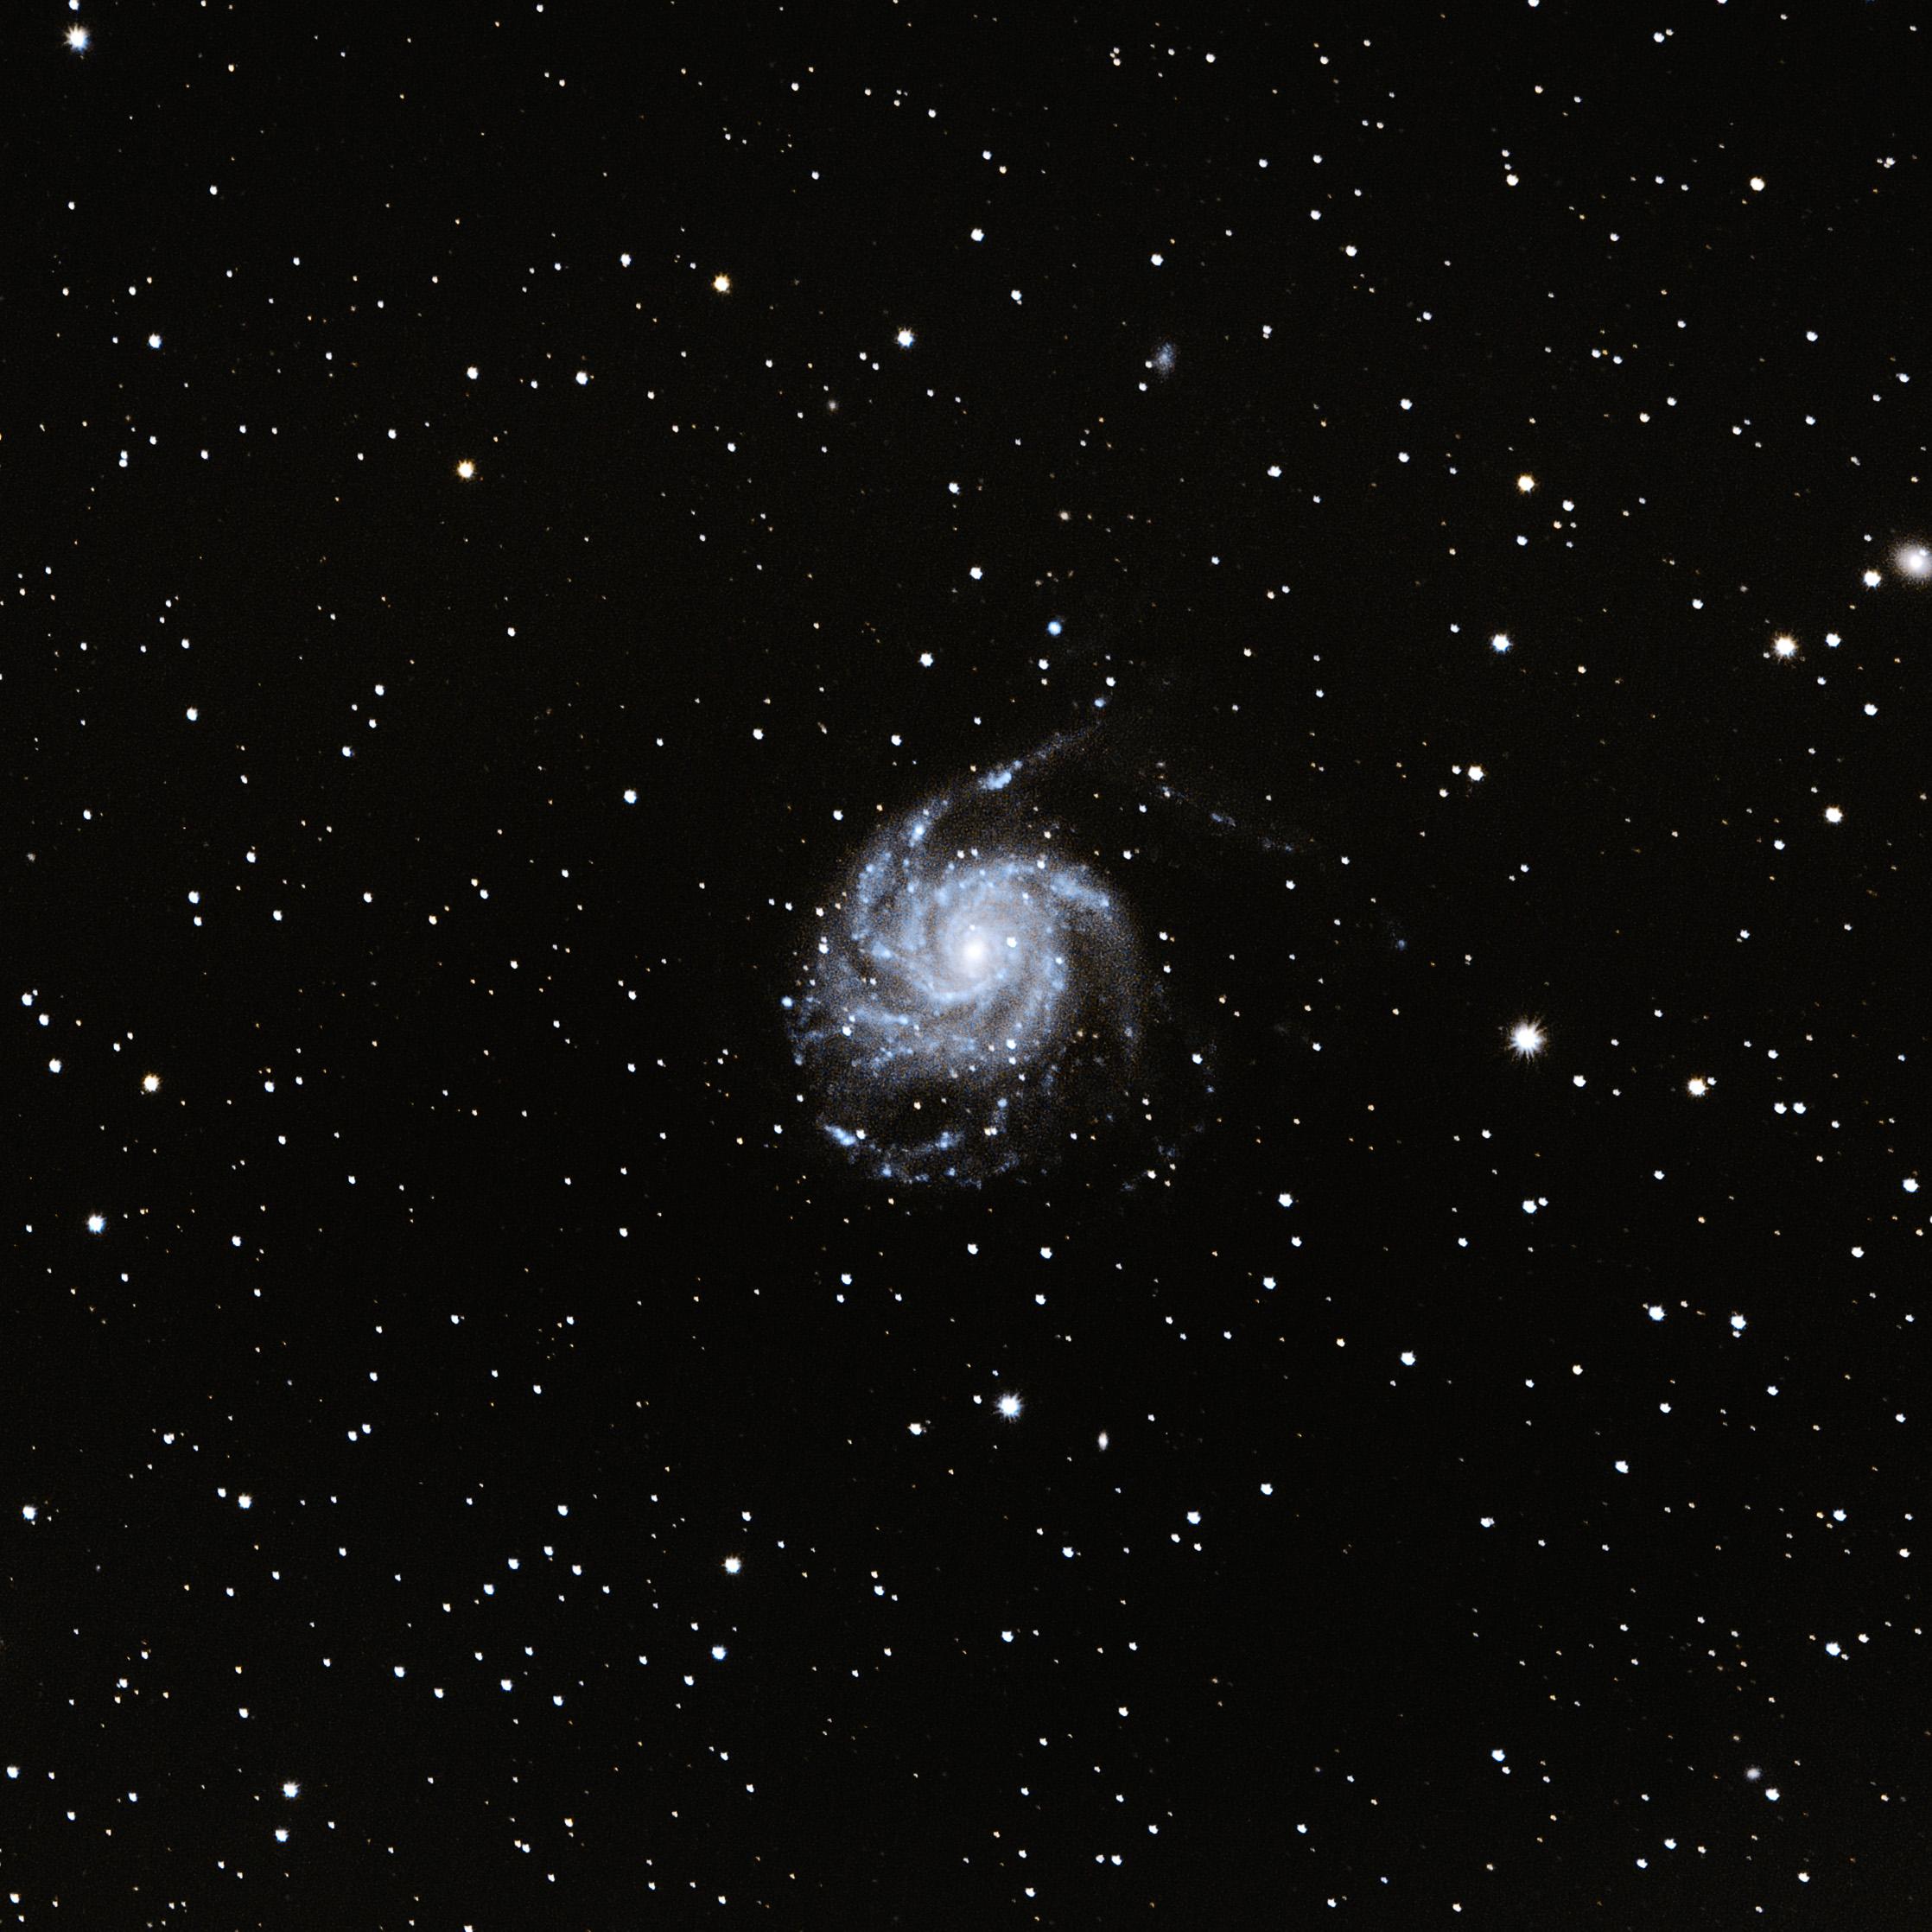 2020527-M101-Galaxie_moulinet.jpg